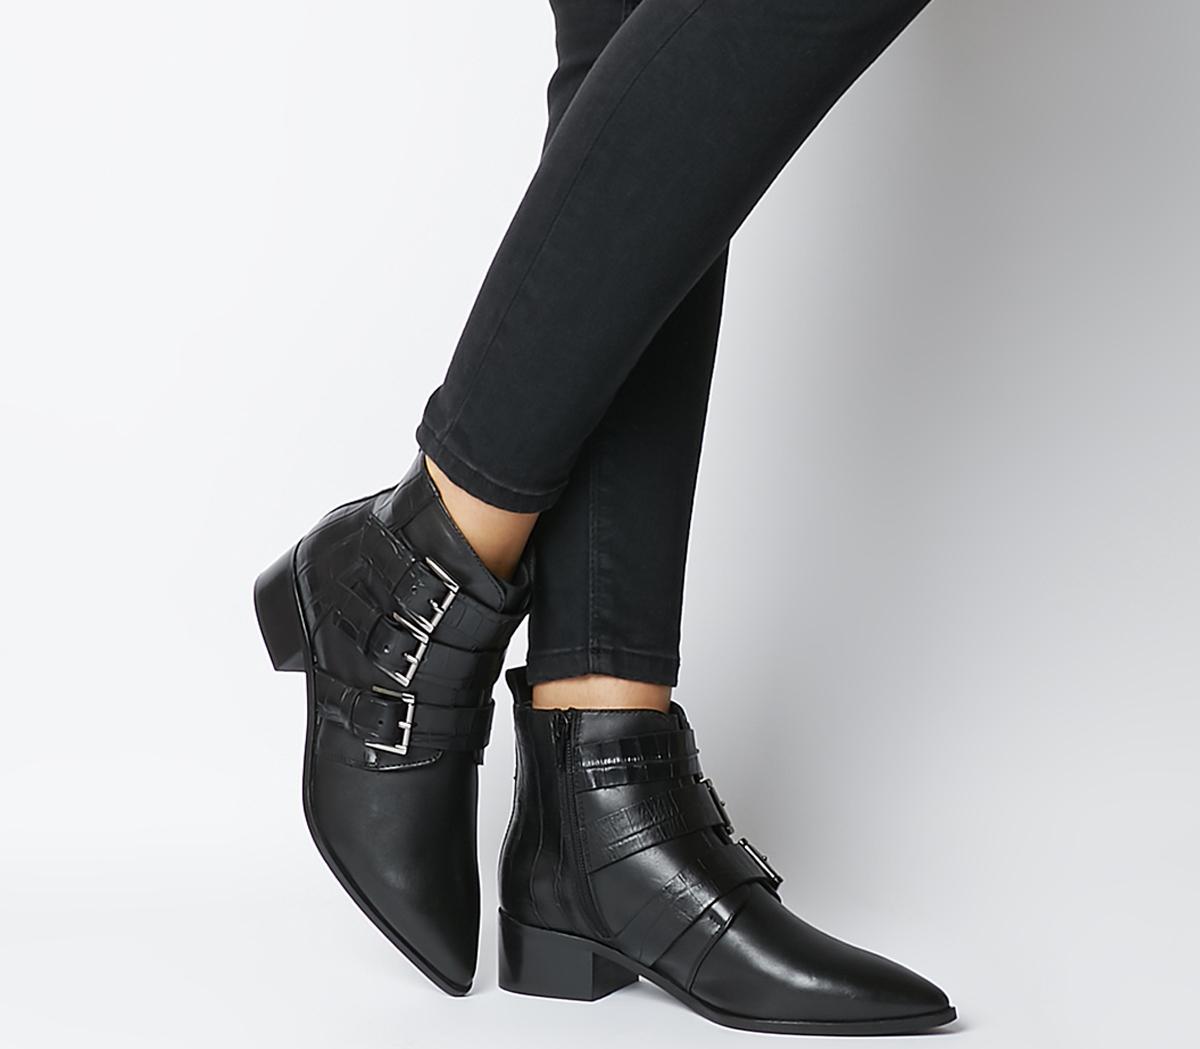 Amba Multi Strap Point Boots